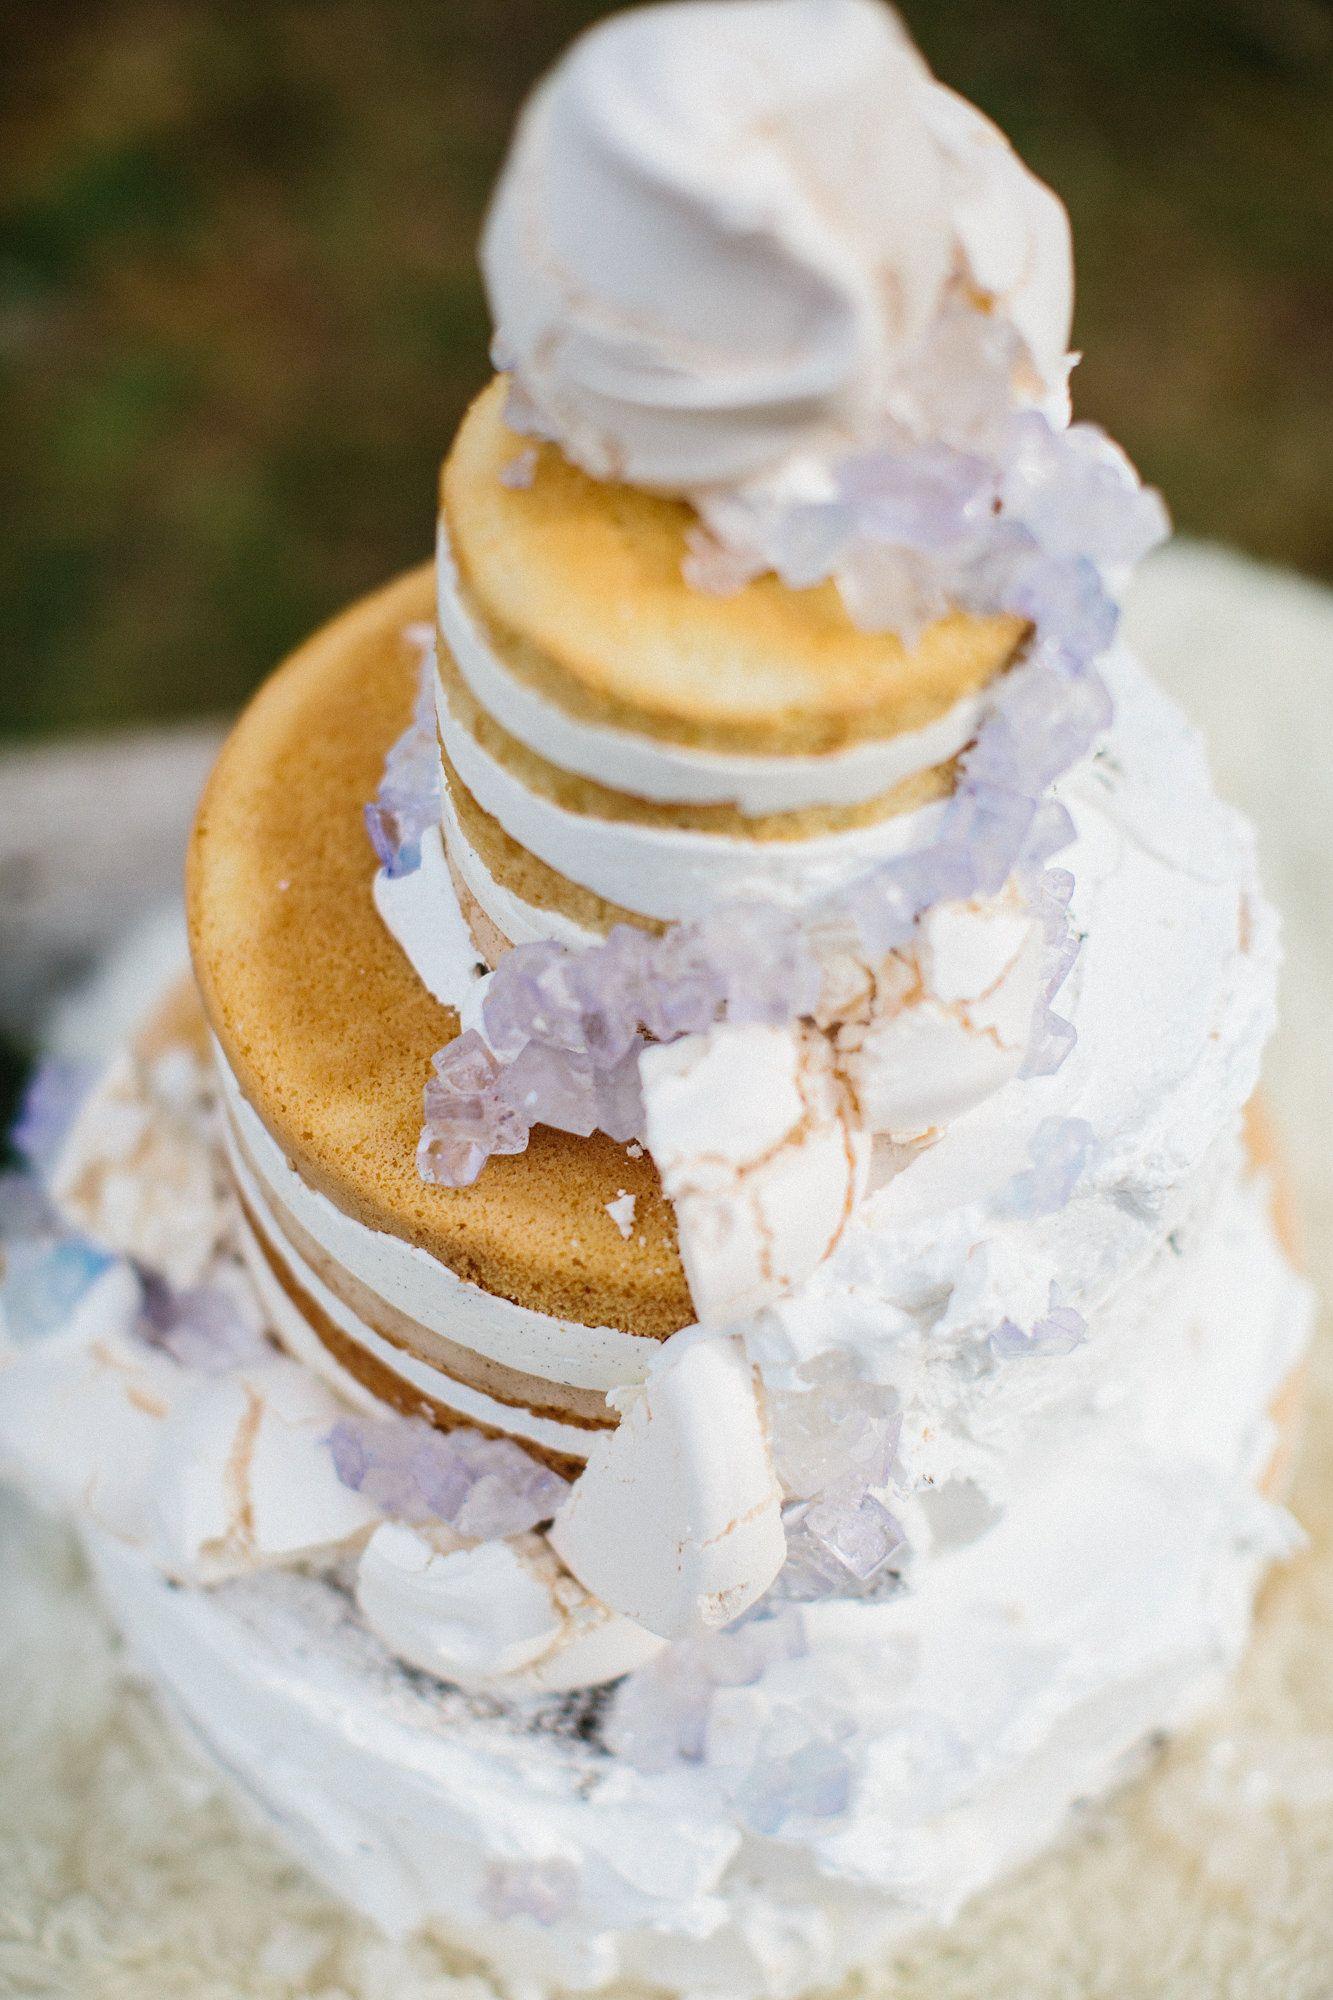 geode wedding cake, naked wedding cake. Those are edible, sugar ...